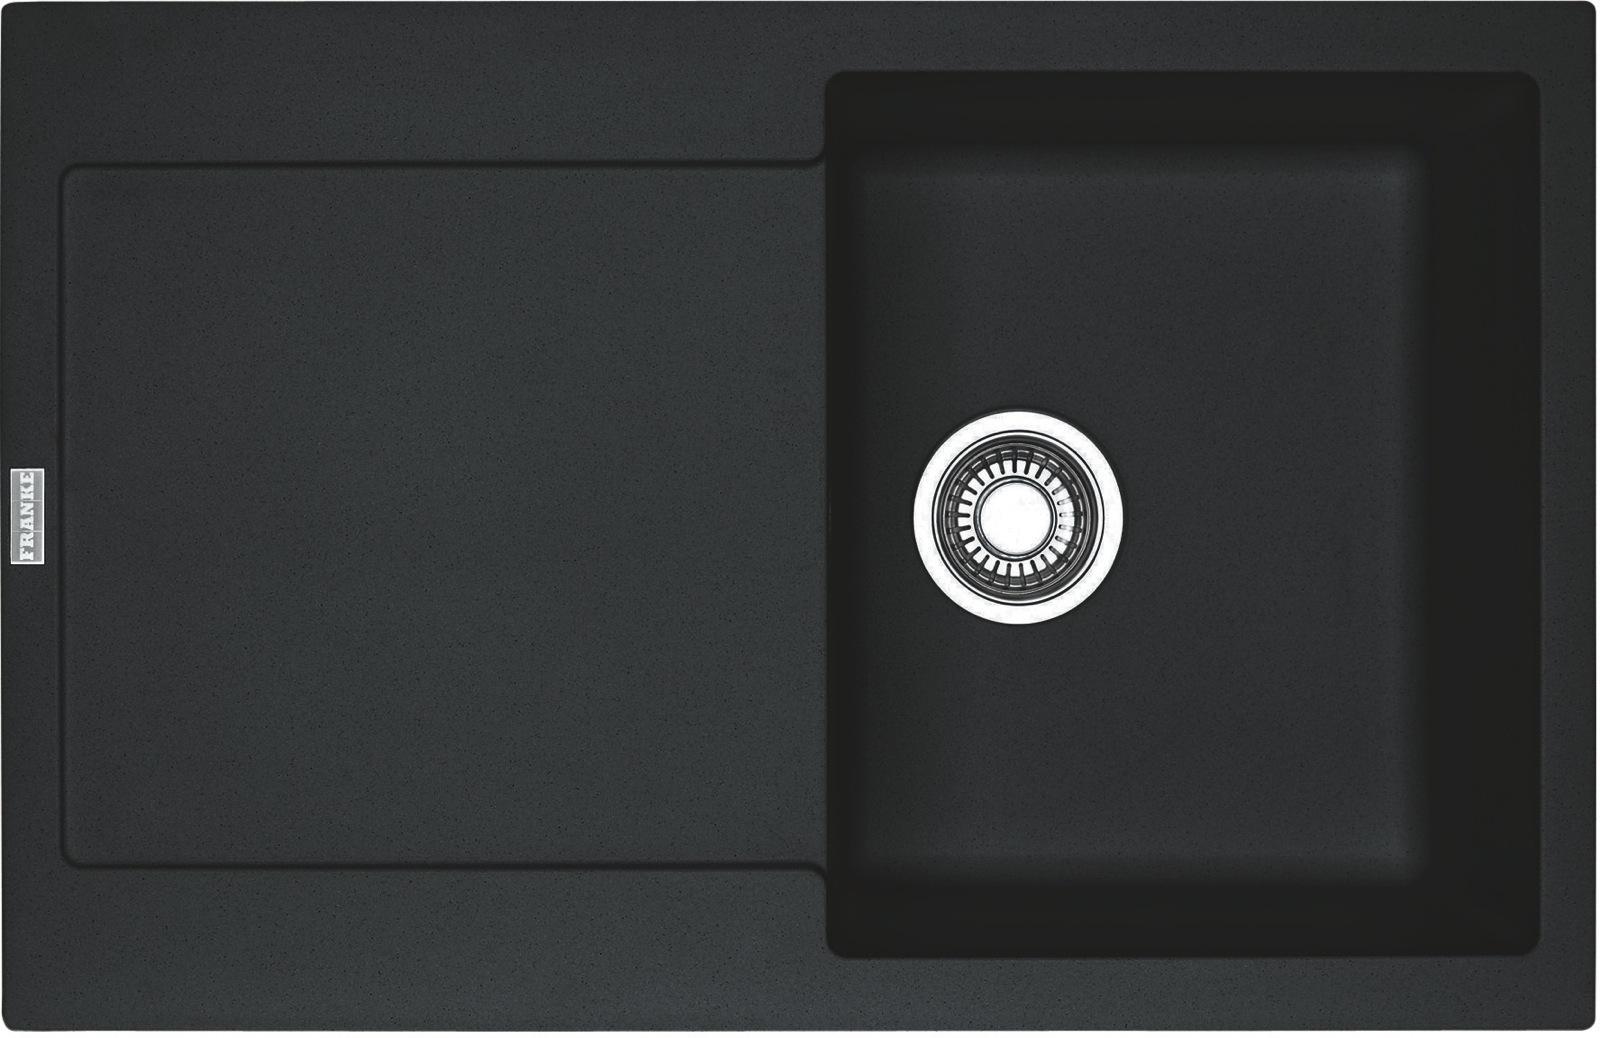 Chiuveta fragranite Franke Maris MRG 611 reversibila 780x500 tehnologie Sanitized Nero